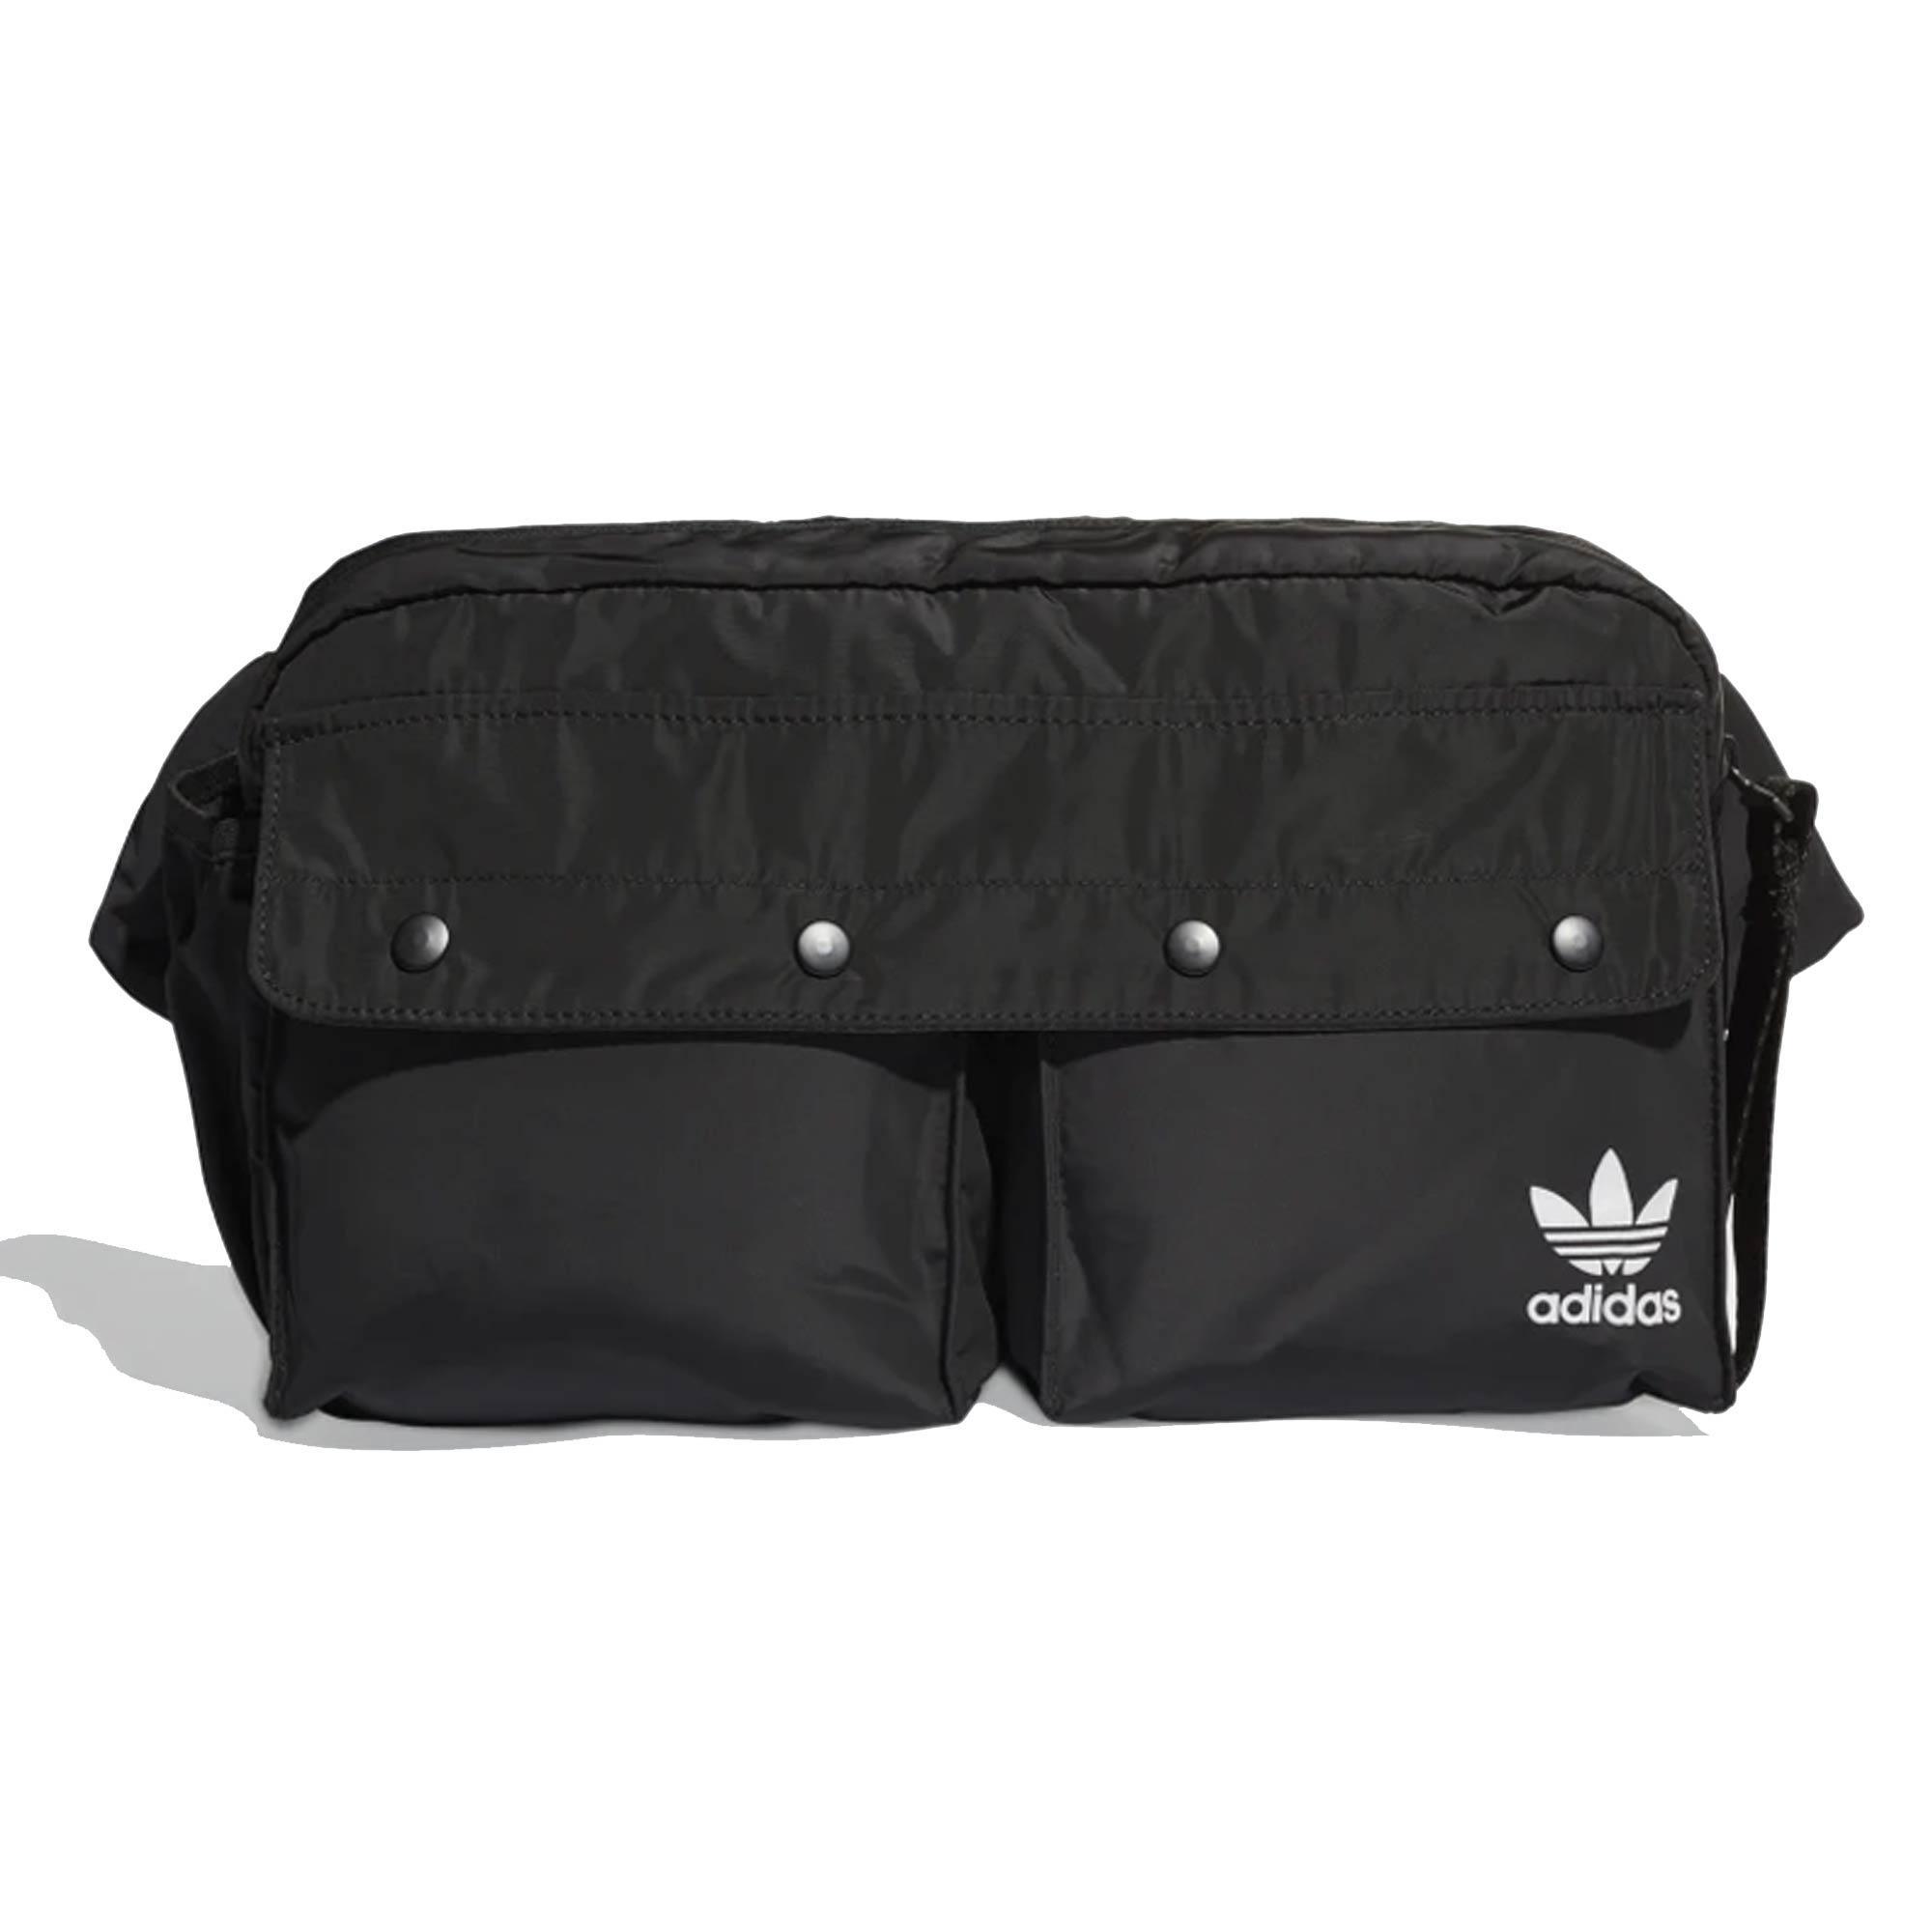 a483805820 Lyst - adidas Originals Funny Bum Bag - Black in Black for Men